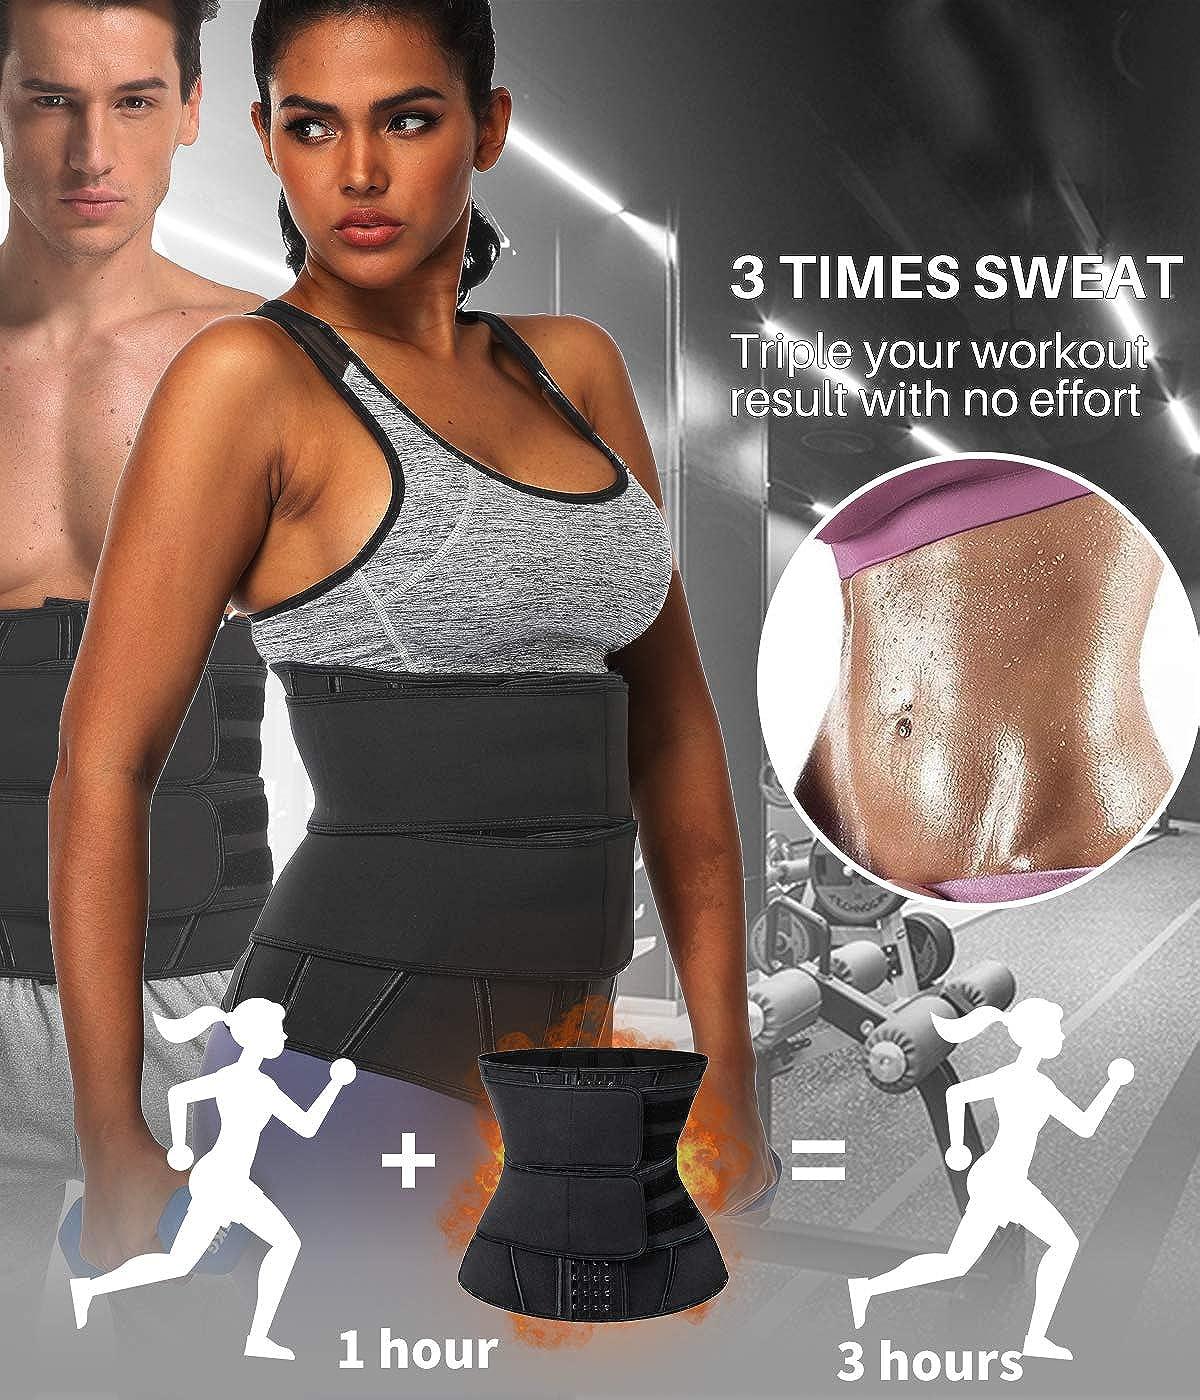 COMFREE Fajas Reductoras Adelgazantes Mujer Waist Trainer Corset Bustier de Cintura Cintur/ón Adelgazante P/érdida de Peso